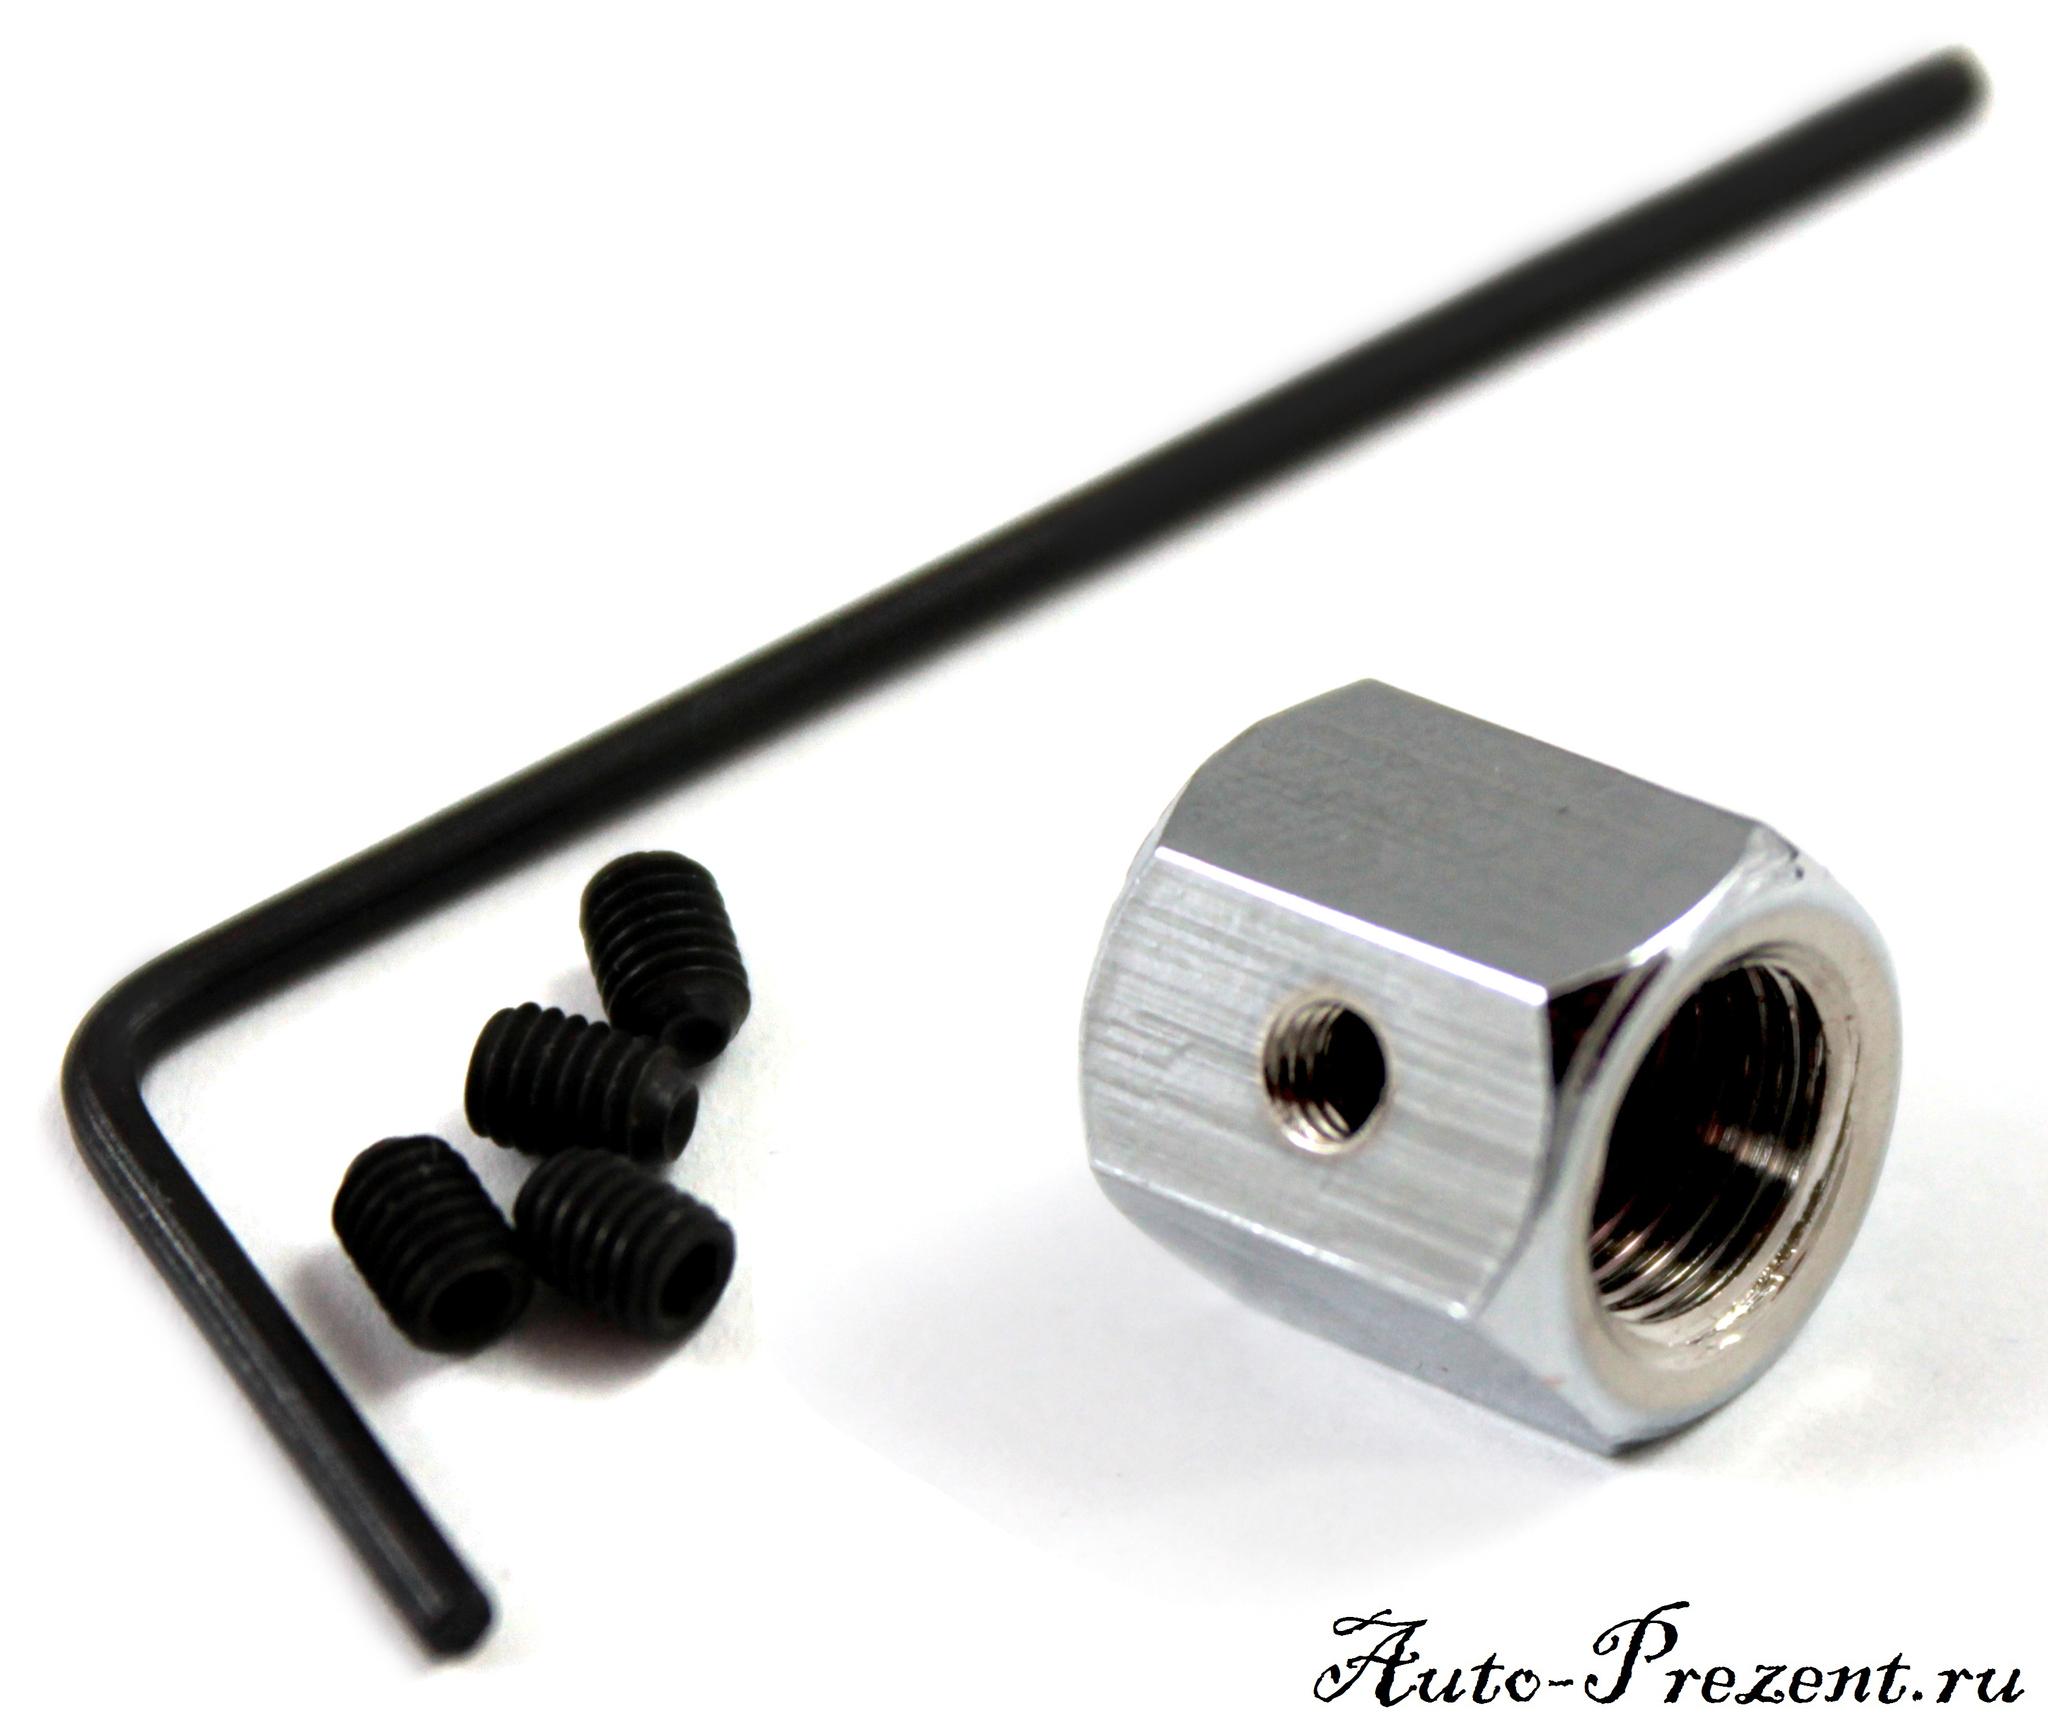 Колпачки на ниппель NISSAN с защитой от кражи